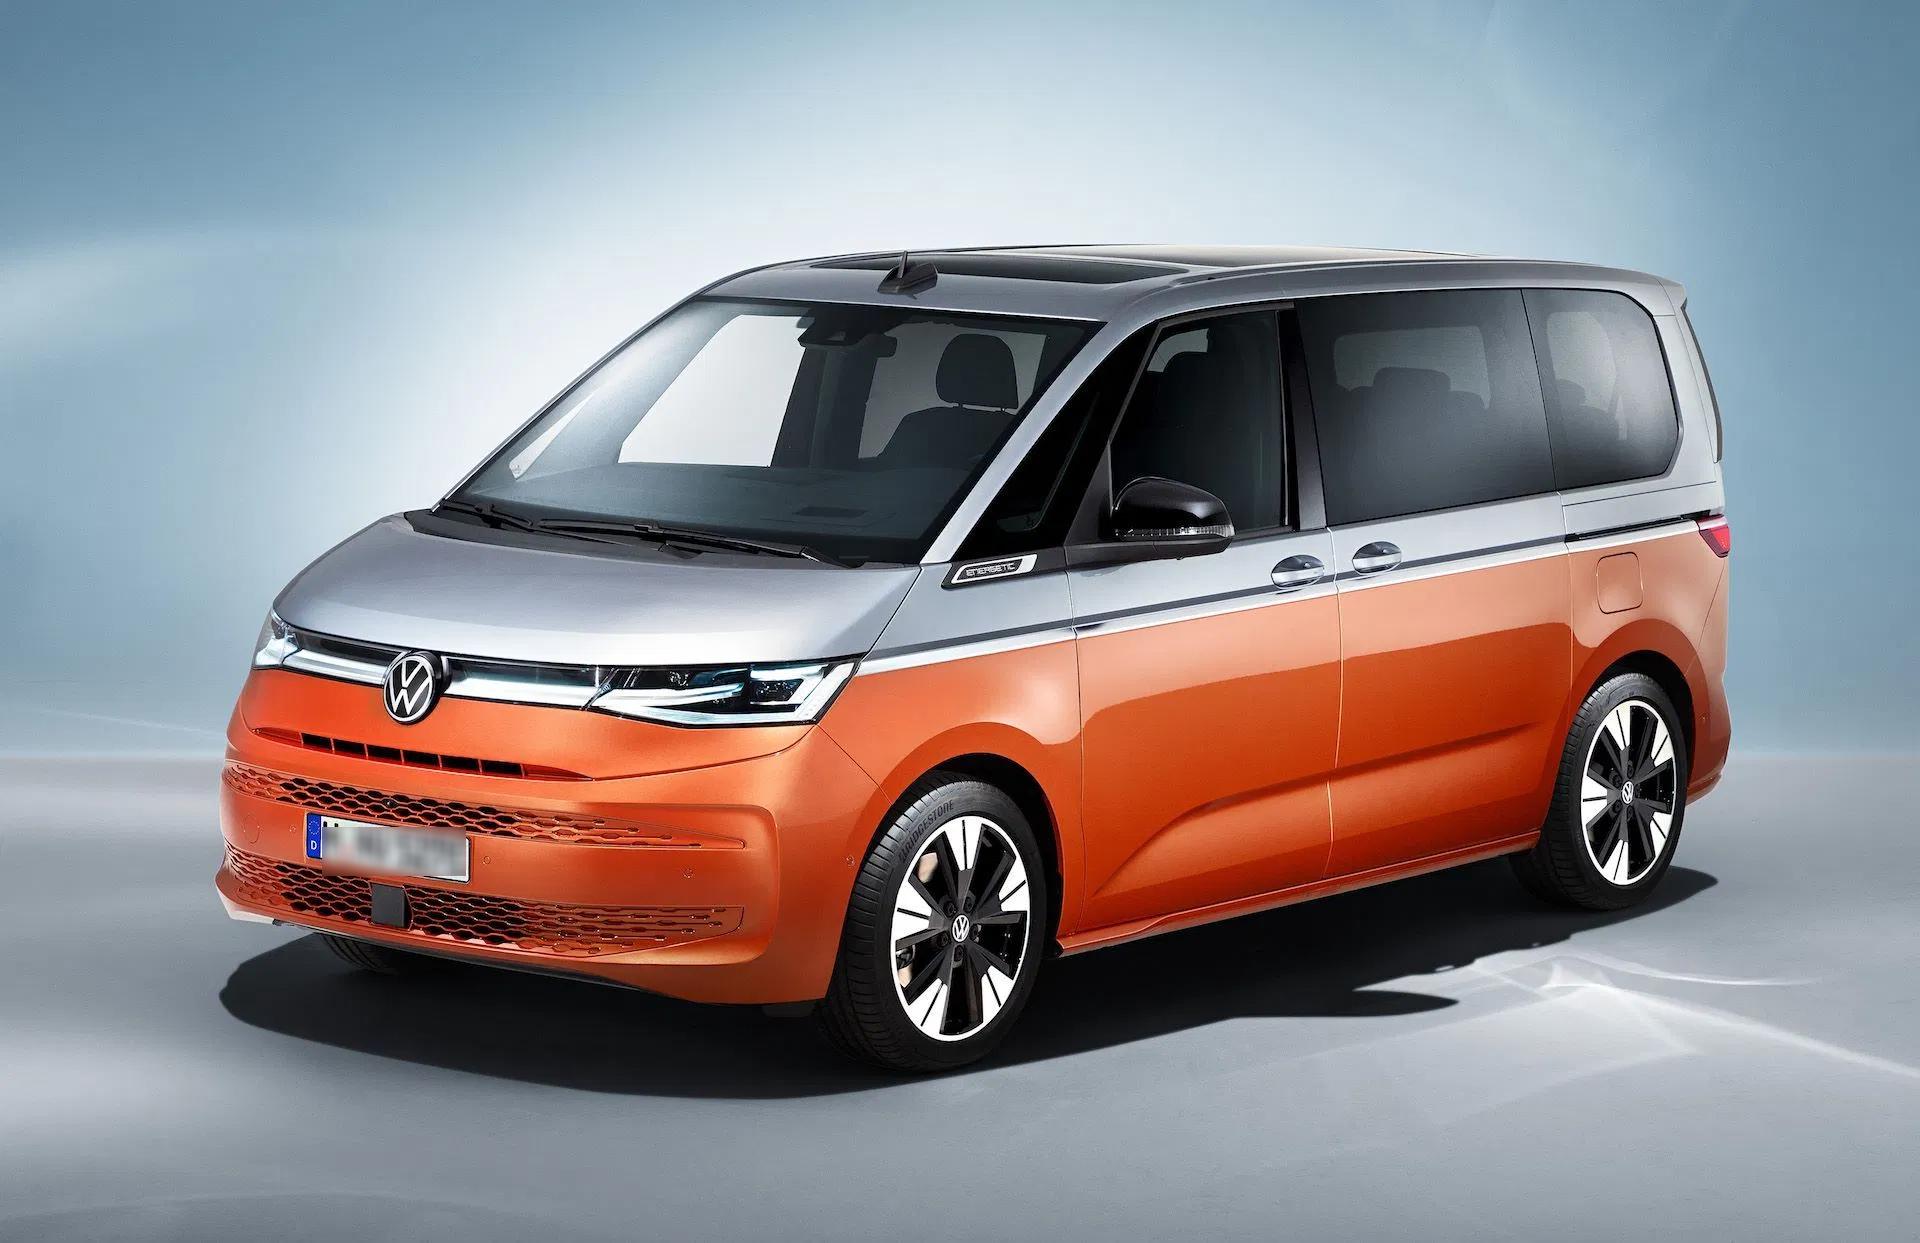 Volkswagen εμφάνιση